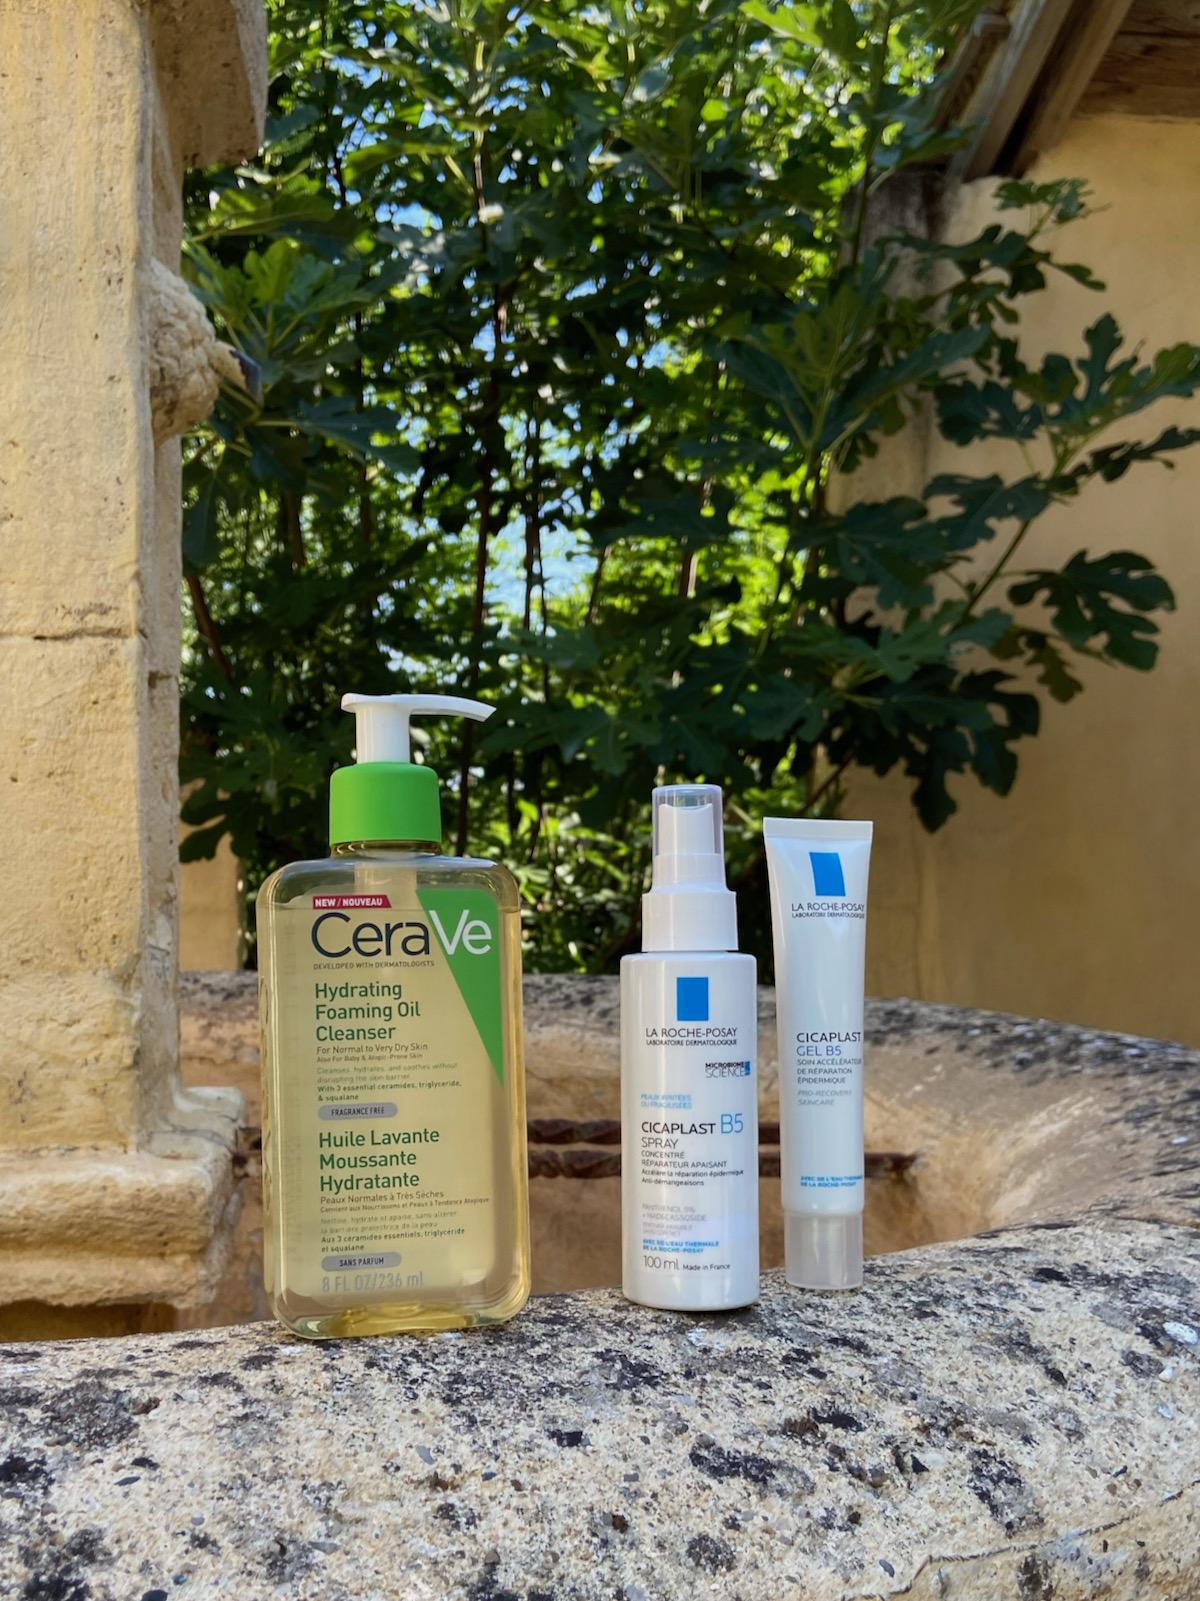 CeraVe Reinigungsöl La Roche-Posay Cicaplast B5 Spray La Roche-Posay Cicaplast Gel B5